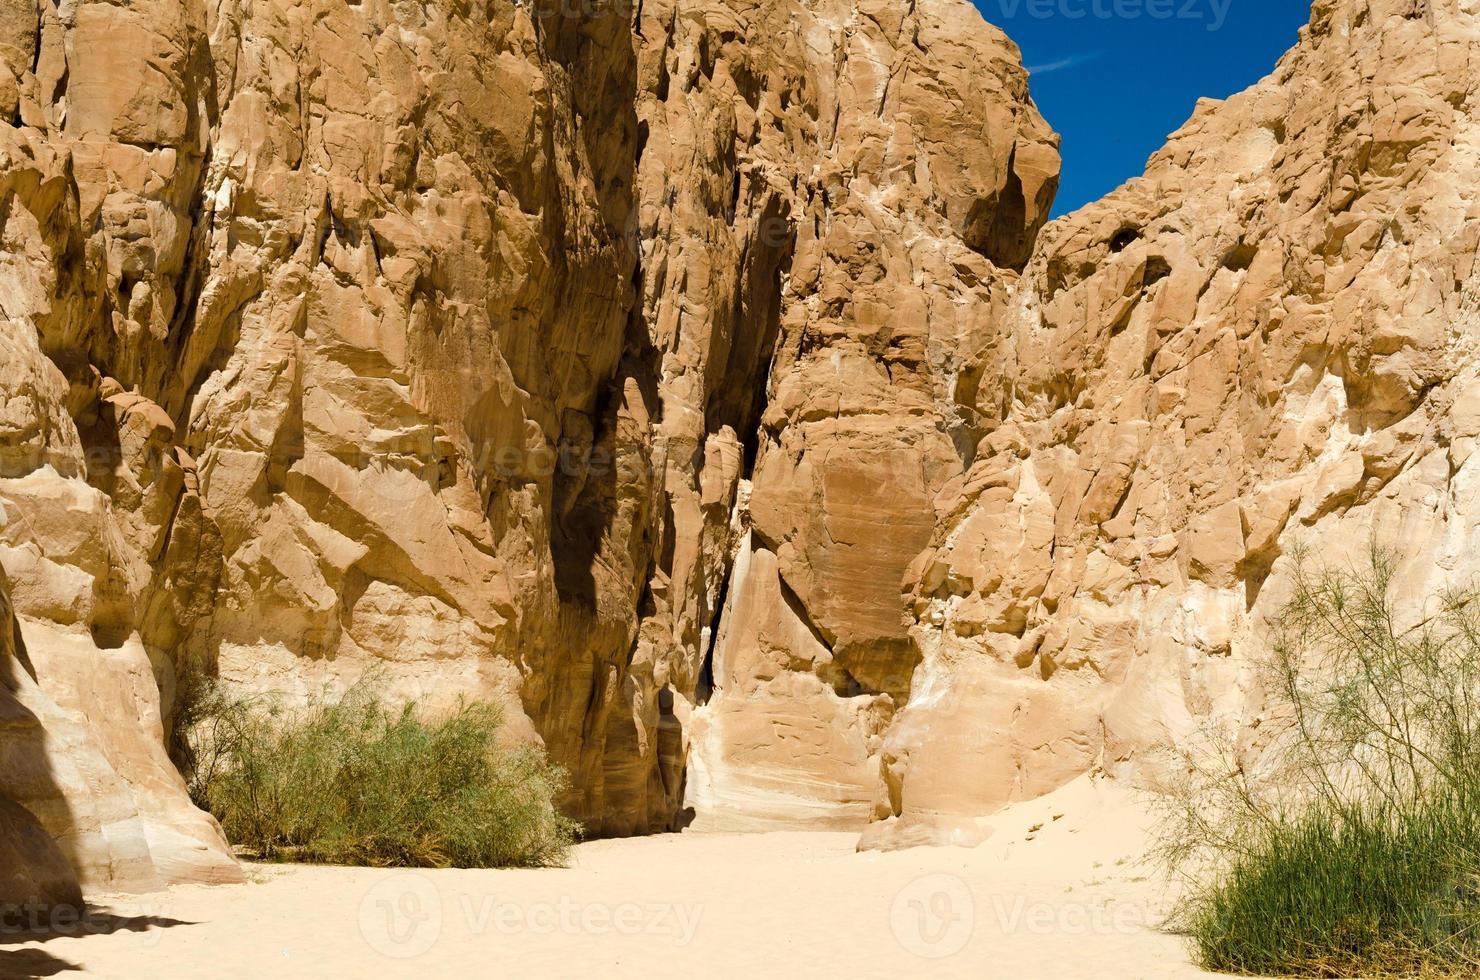 cañón del desierto con altos acantilados de piedra foto